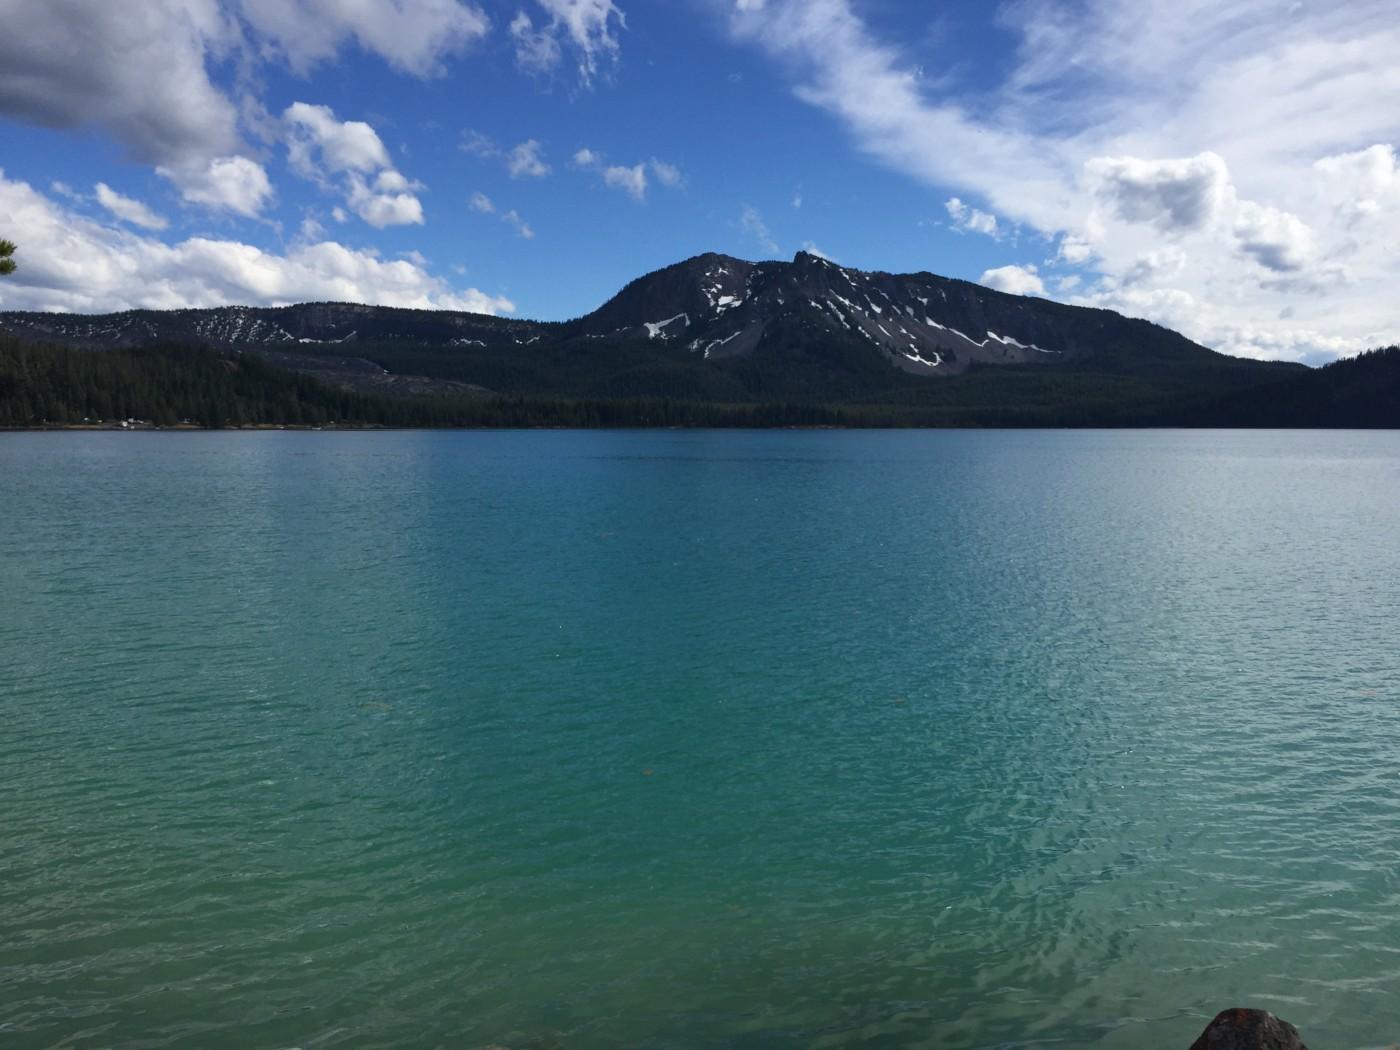 Paulina Lake & Newberry Volcano Caldera hike and campground.